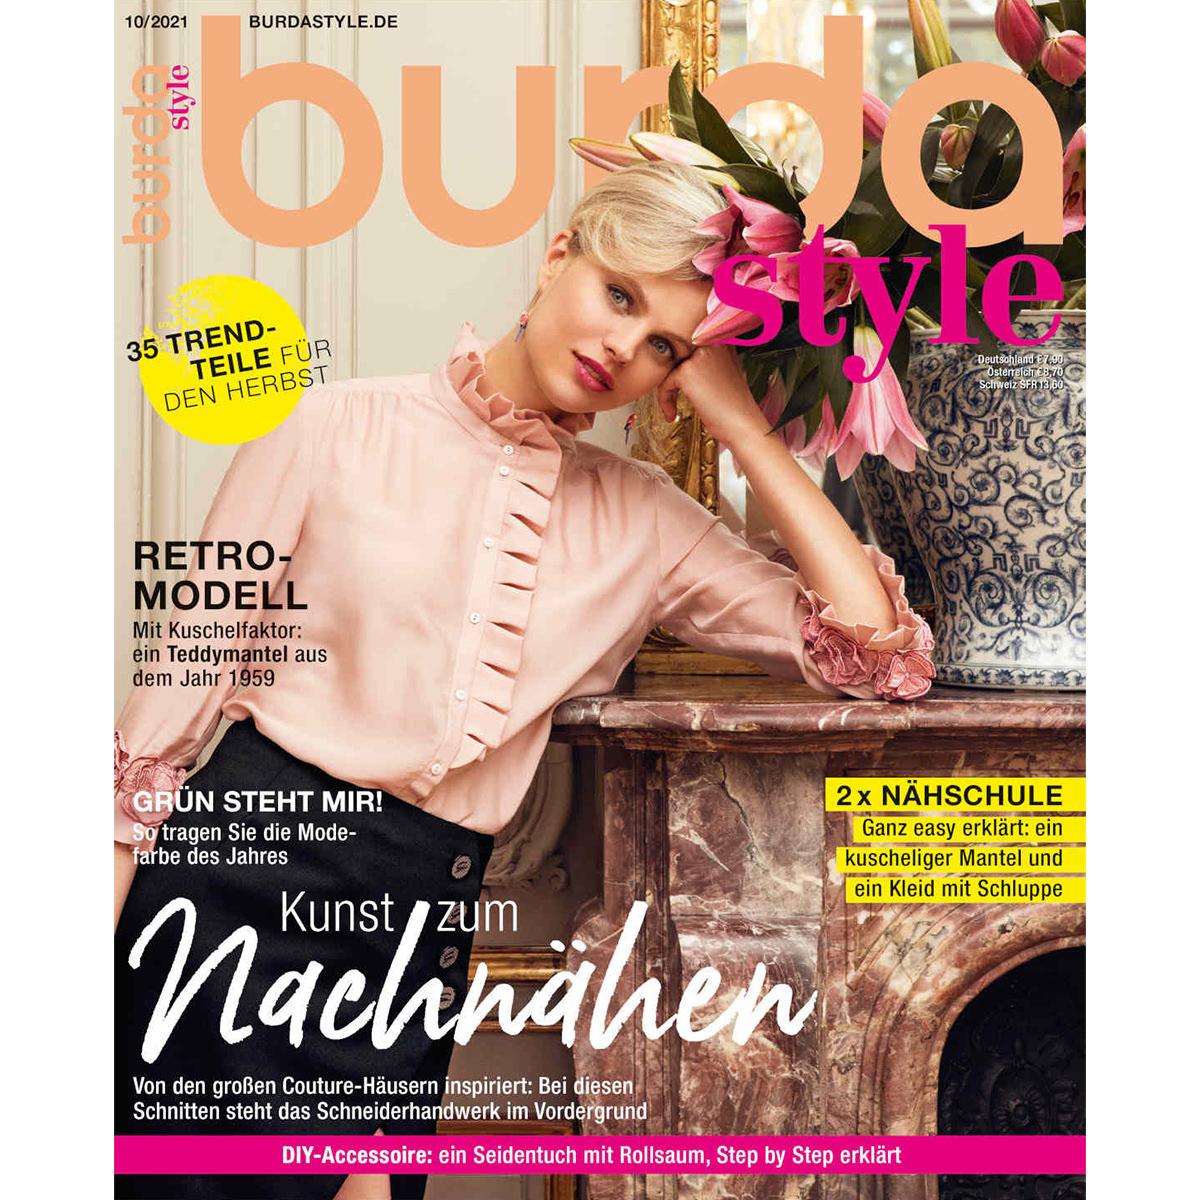 burda style Ausgabe Oktober 2021